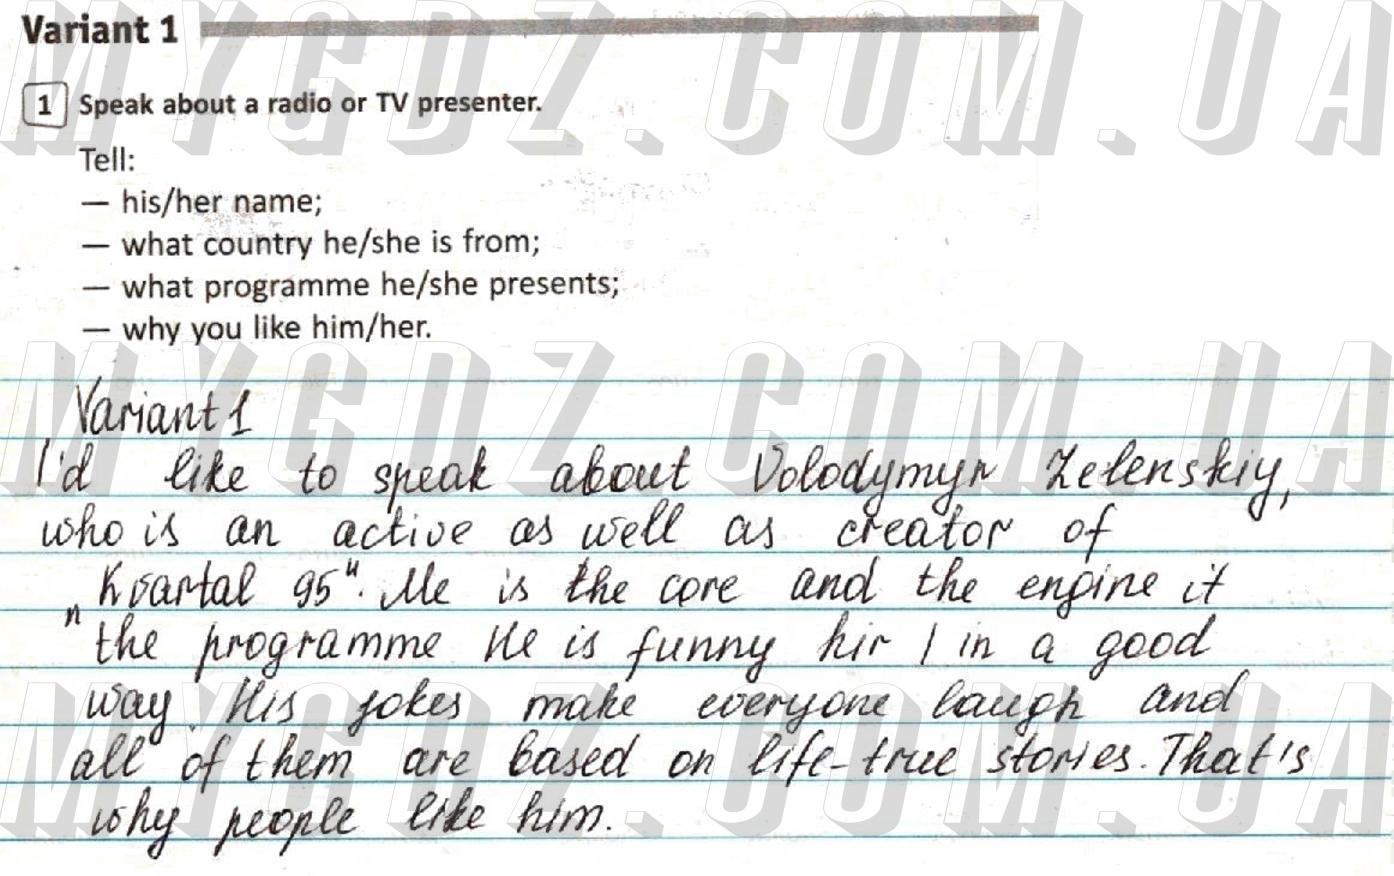 ГДЗ номер 1 до зошита для контролю рівня знань з англійської мови Мясоєдова 9 клас